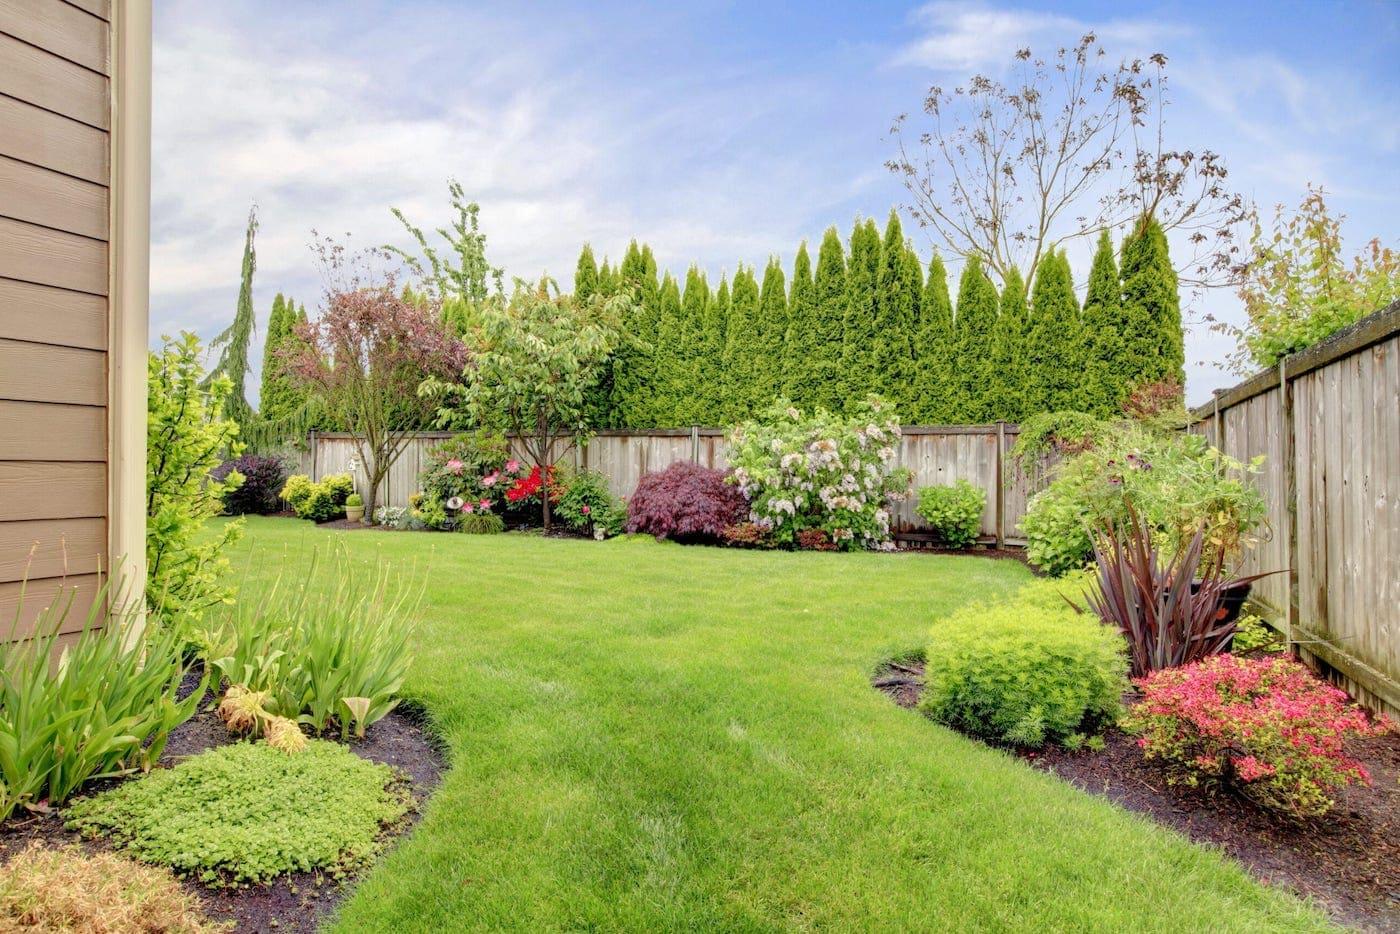 красивый сад частного дома фото 73